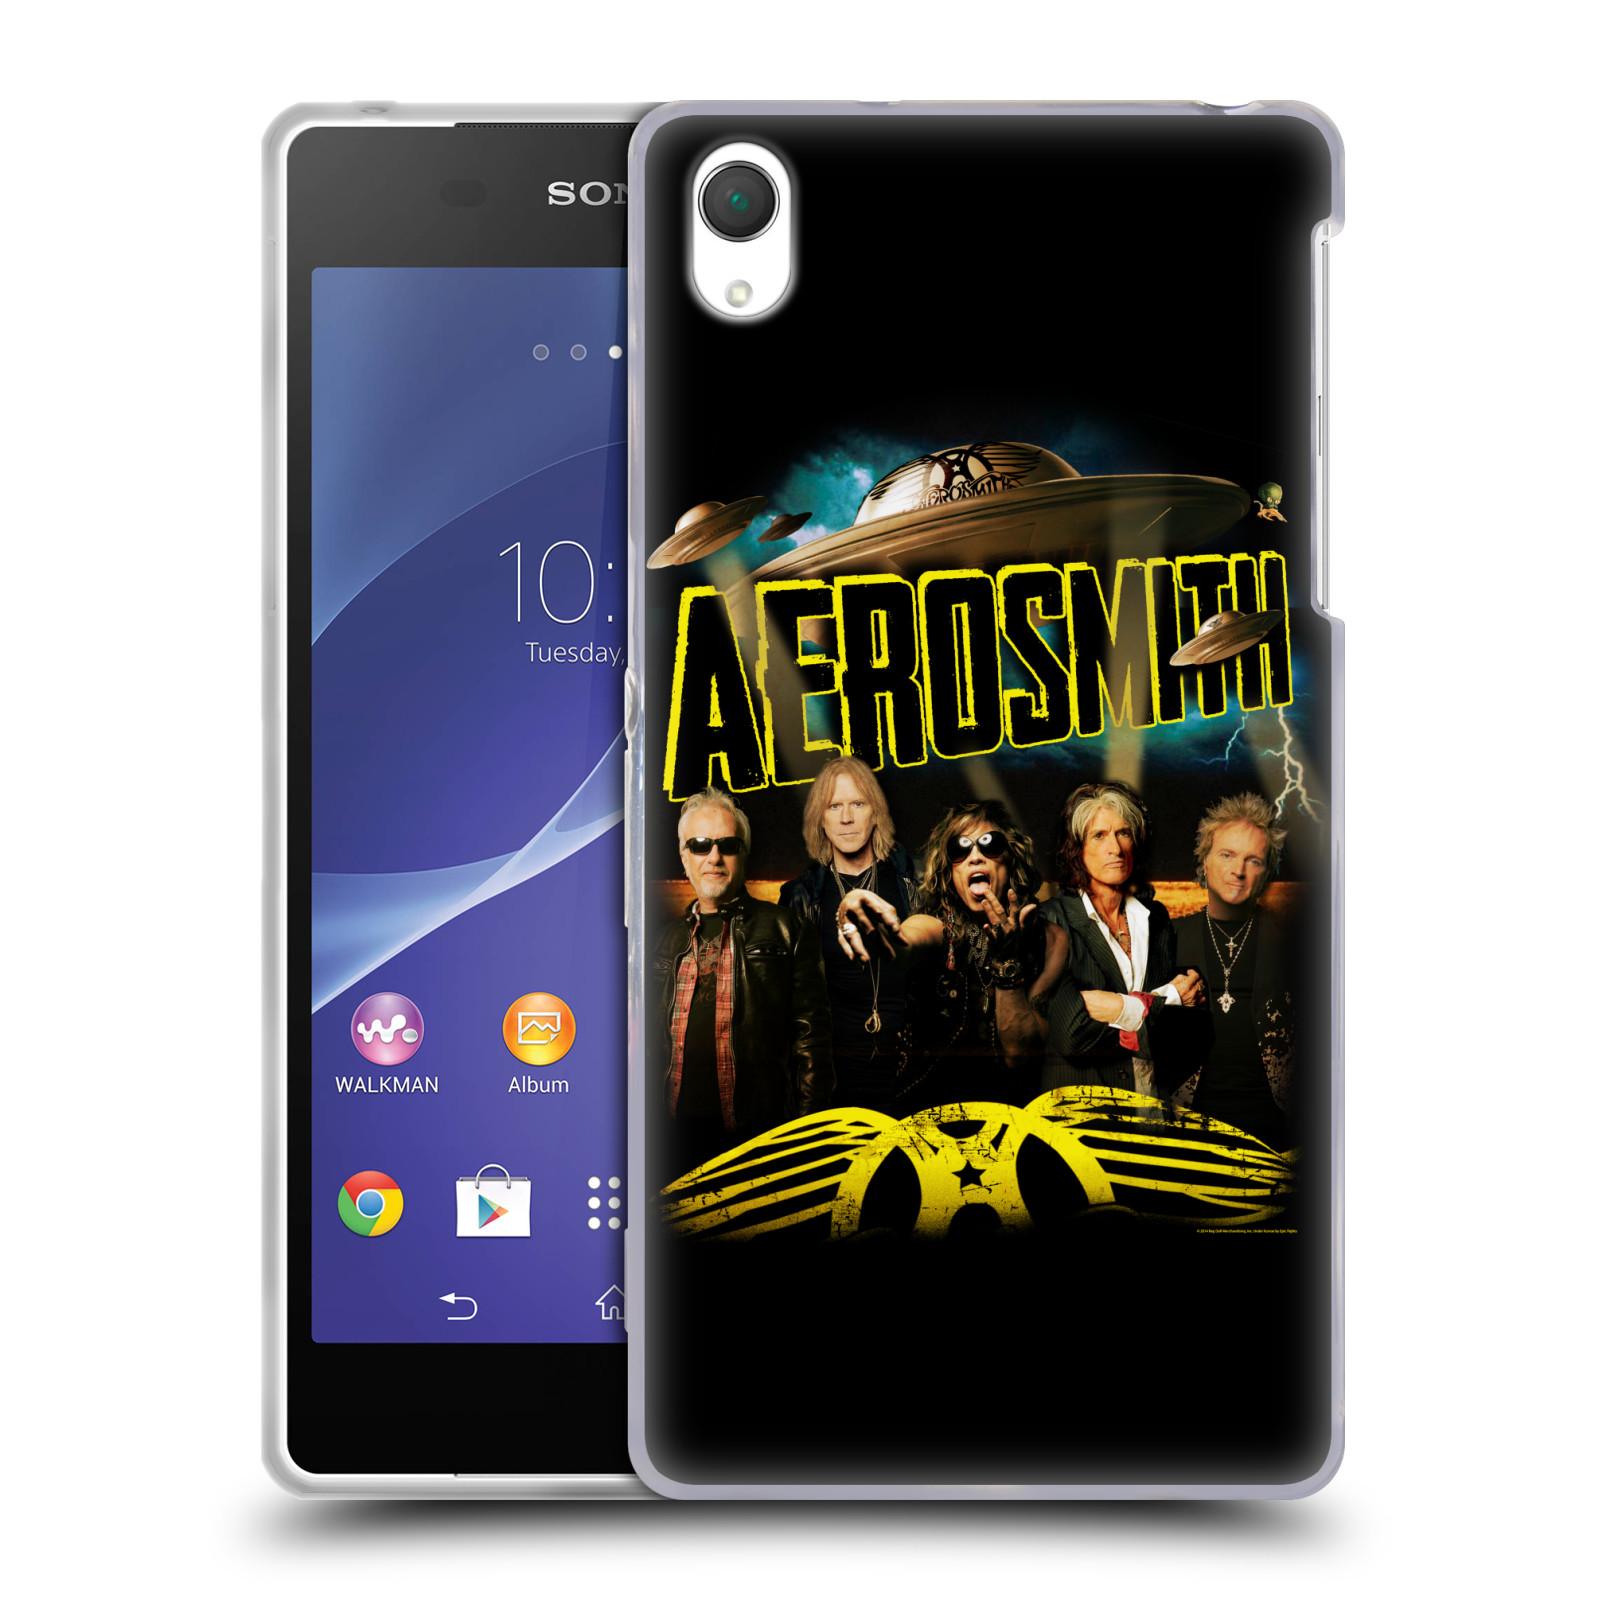 Silikonové pouzdro na mobil Sony Xperia Z2 D6503 HEAD CASE - Aerosmith - Global Warming (Silikonový kryt či obal na mobilní telefon s licencovaným motivem Aerosmith pro Sony Xperia Z2)